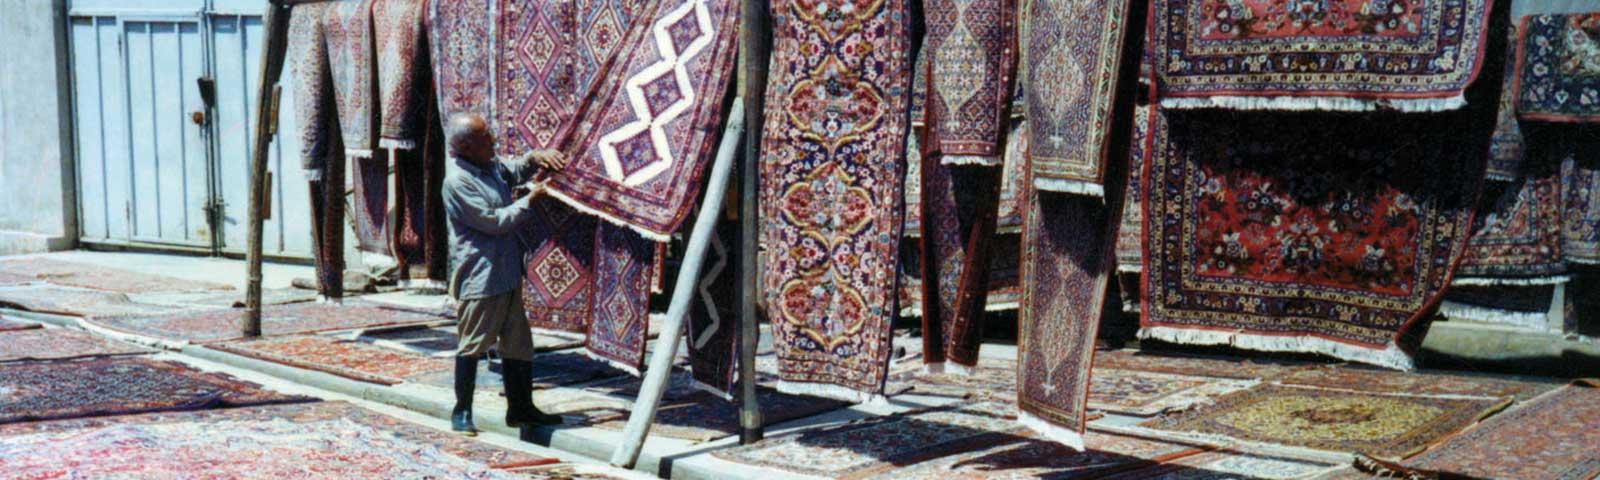 restauro tappeti persiani Como Lecco Monza